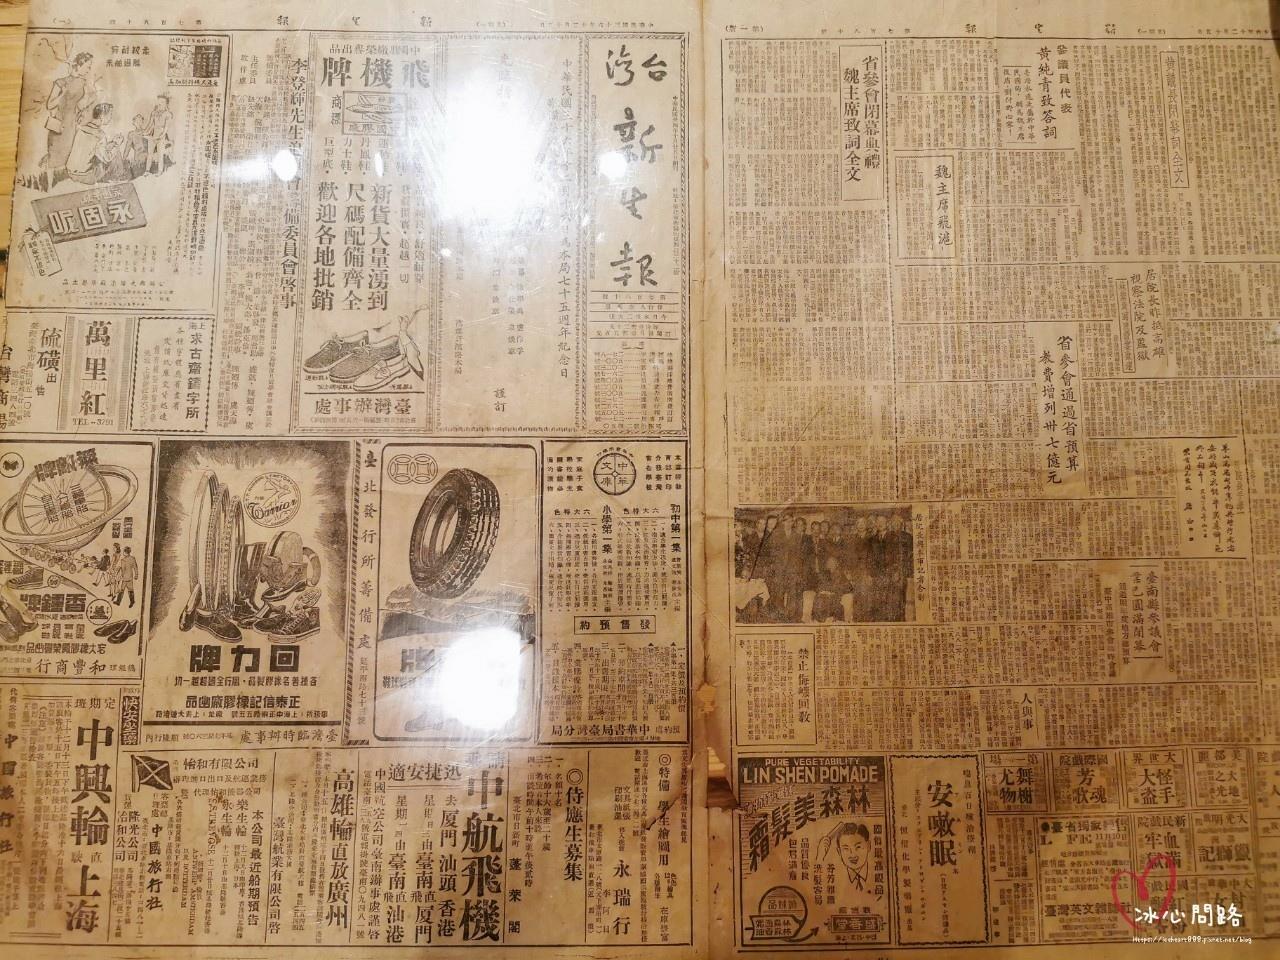 花蓮美食 燕子老宅 冰心問路 (6).jpg